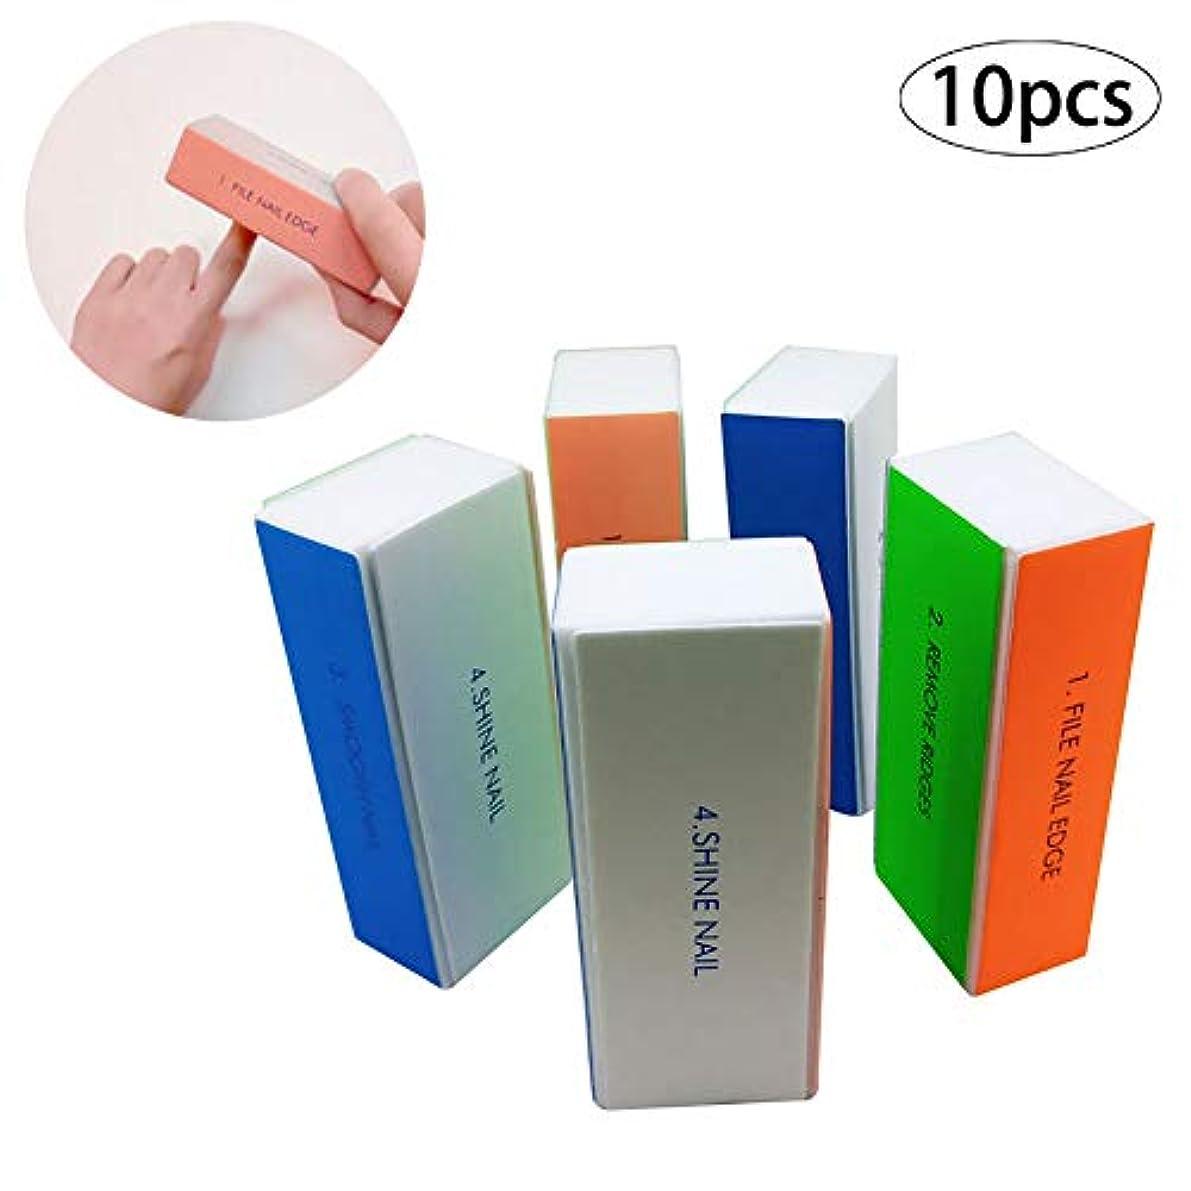 マリナー従う人差し指プロのサロンや家庭用10PCSプロフェッショナルネイルキット4ウェイネイルバッファブロックファイルマニキュアマニキュア製品